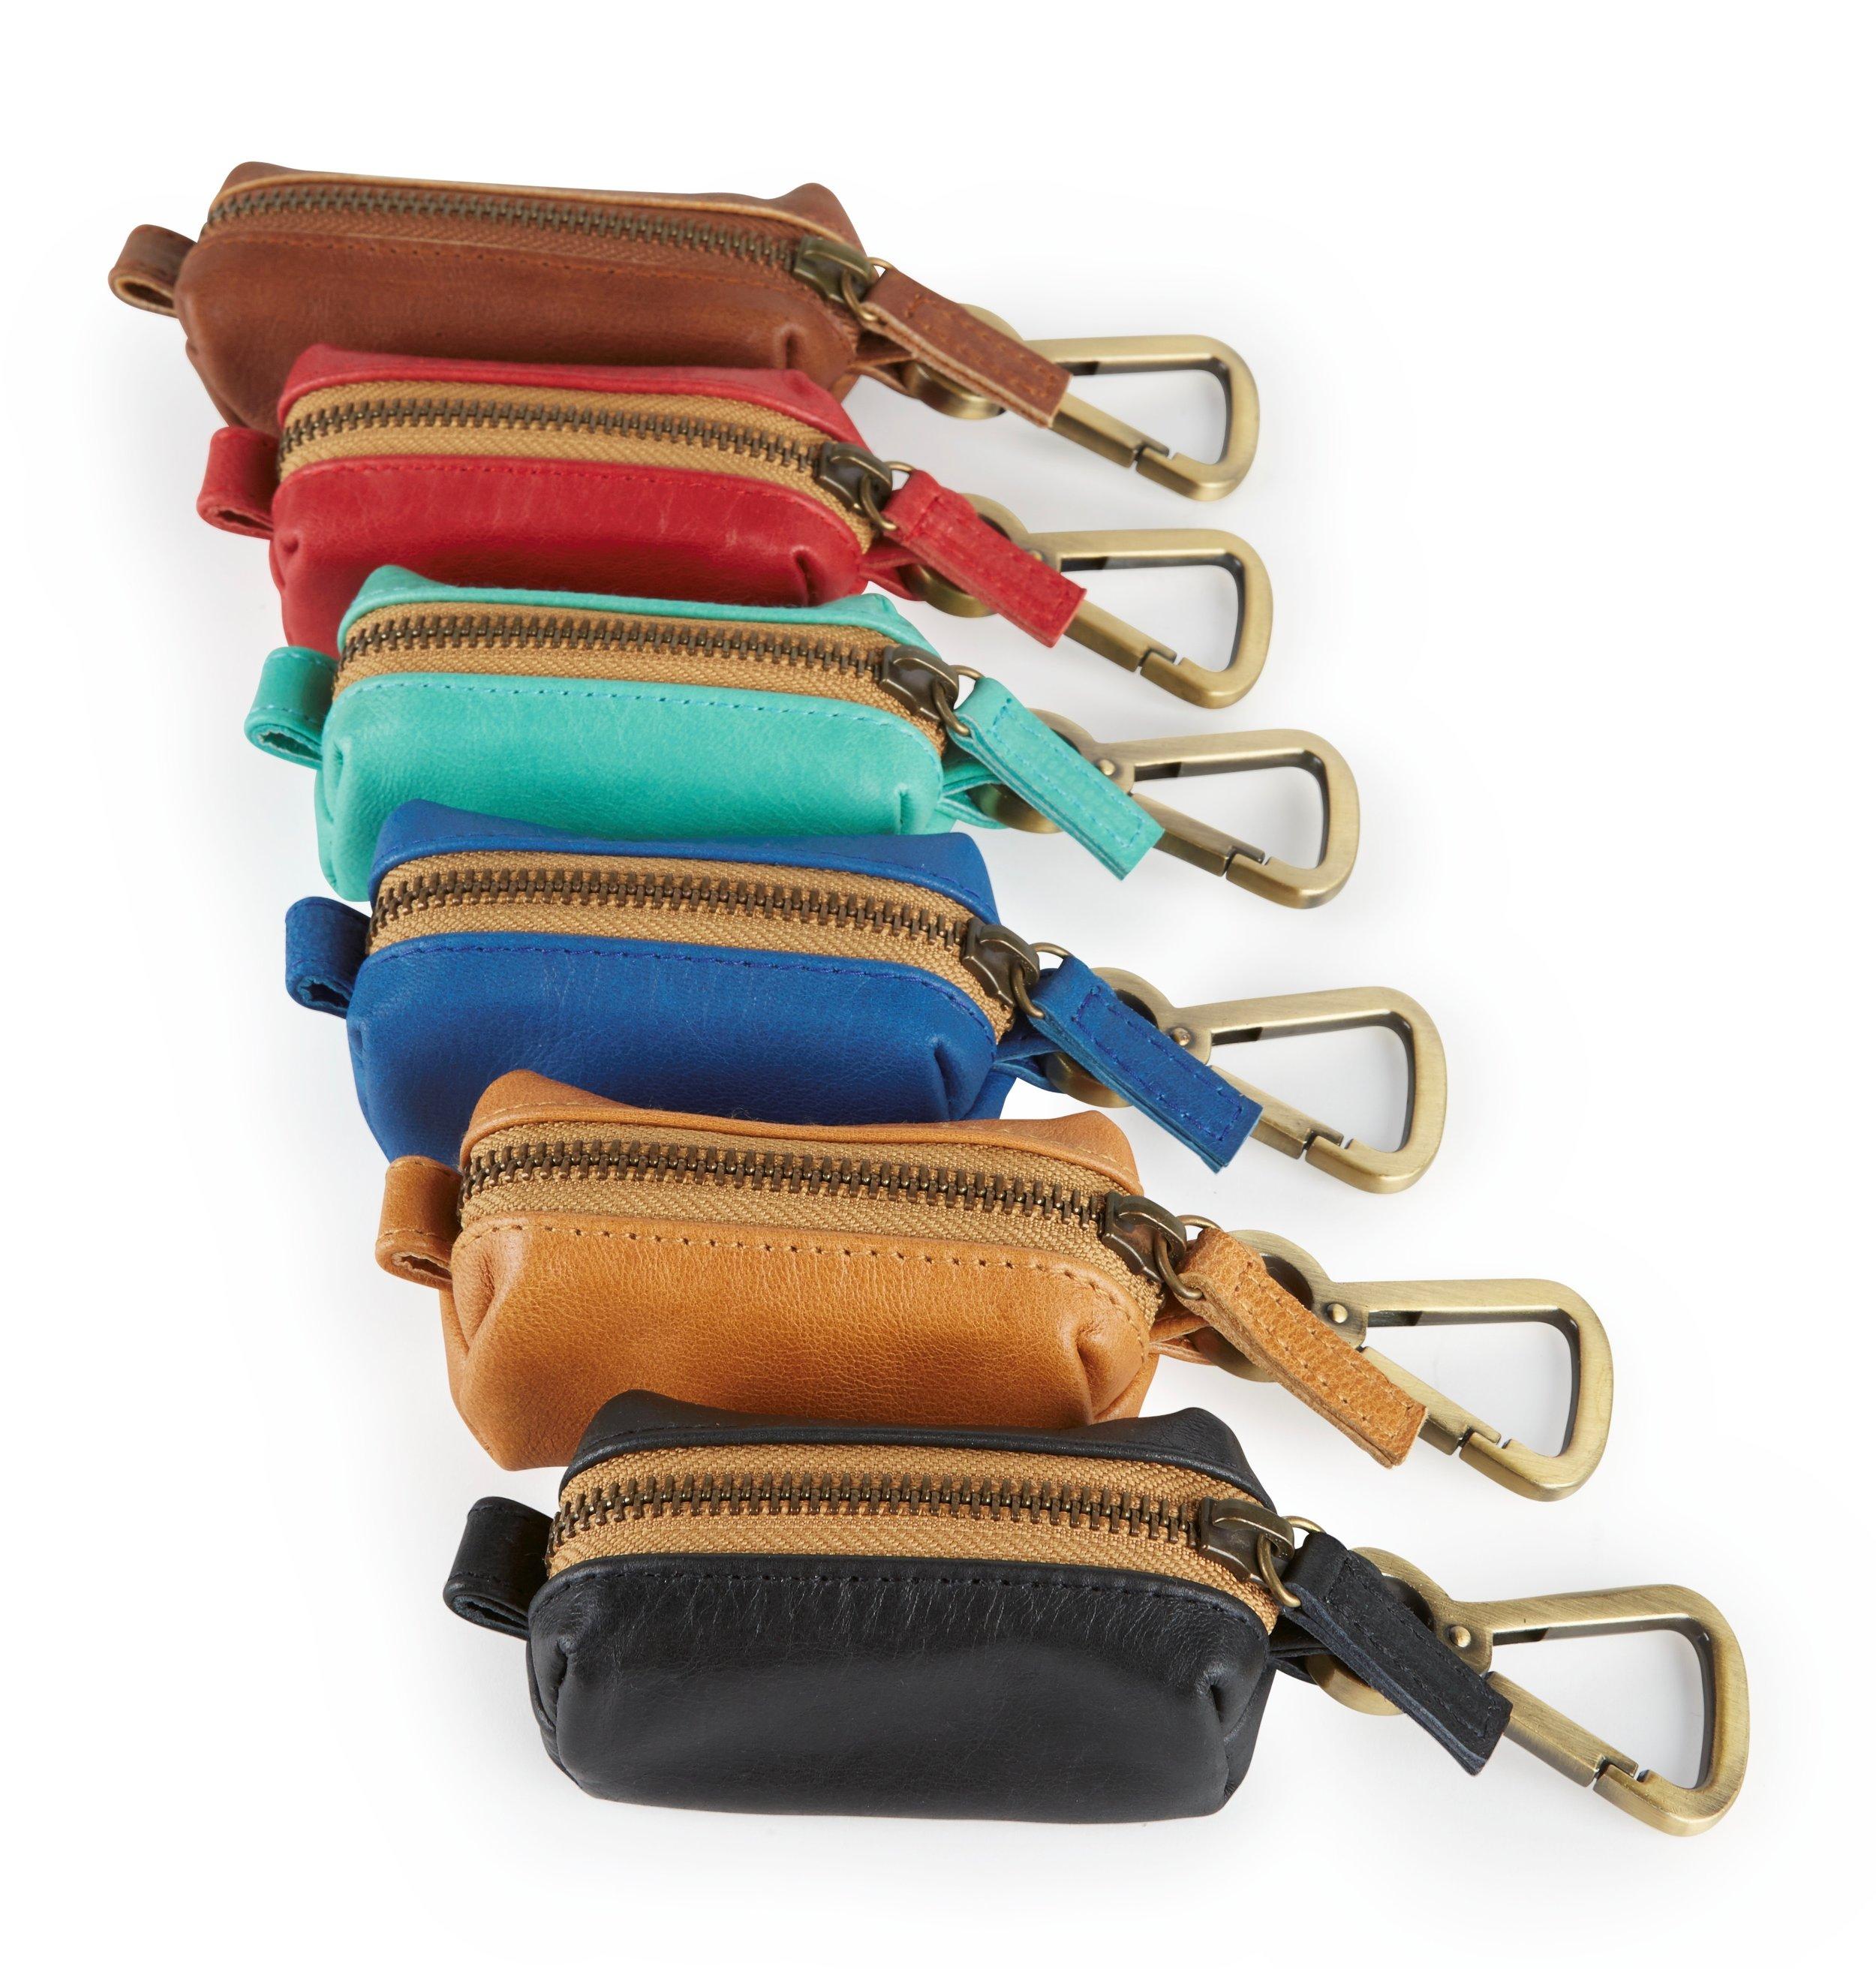 Pocket Poopers - Leather Poop Bag Holders